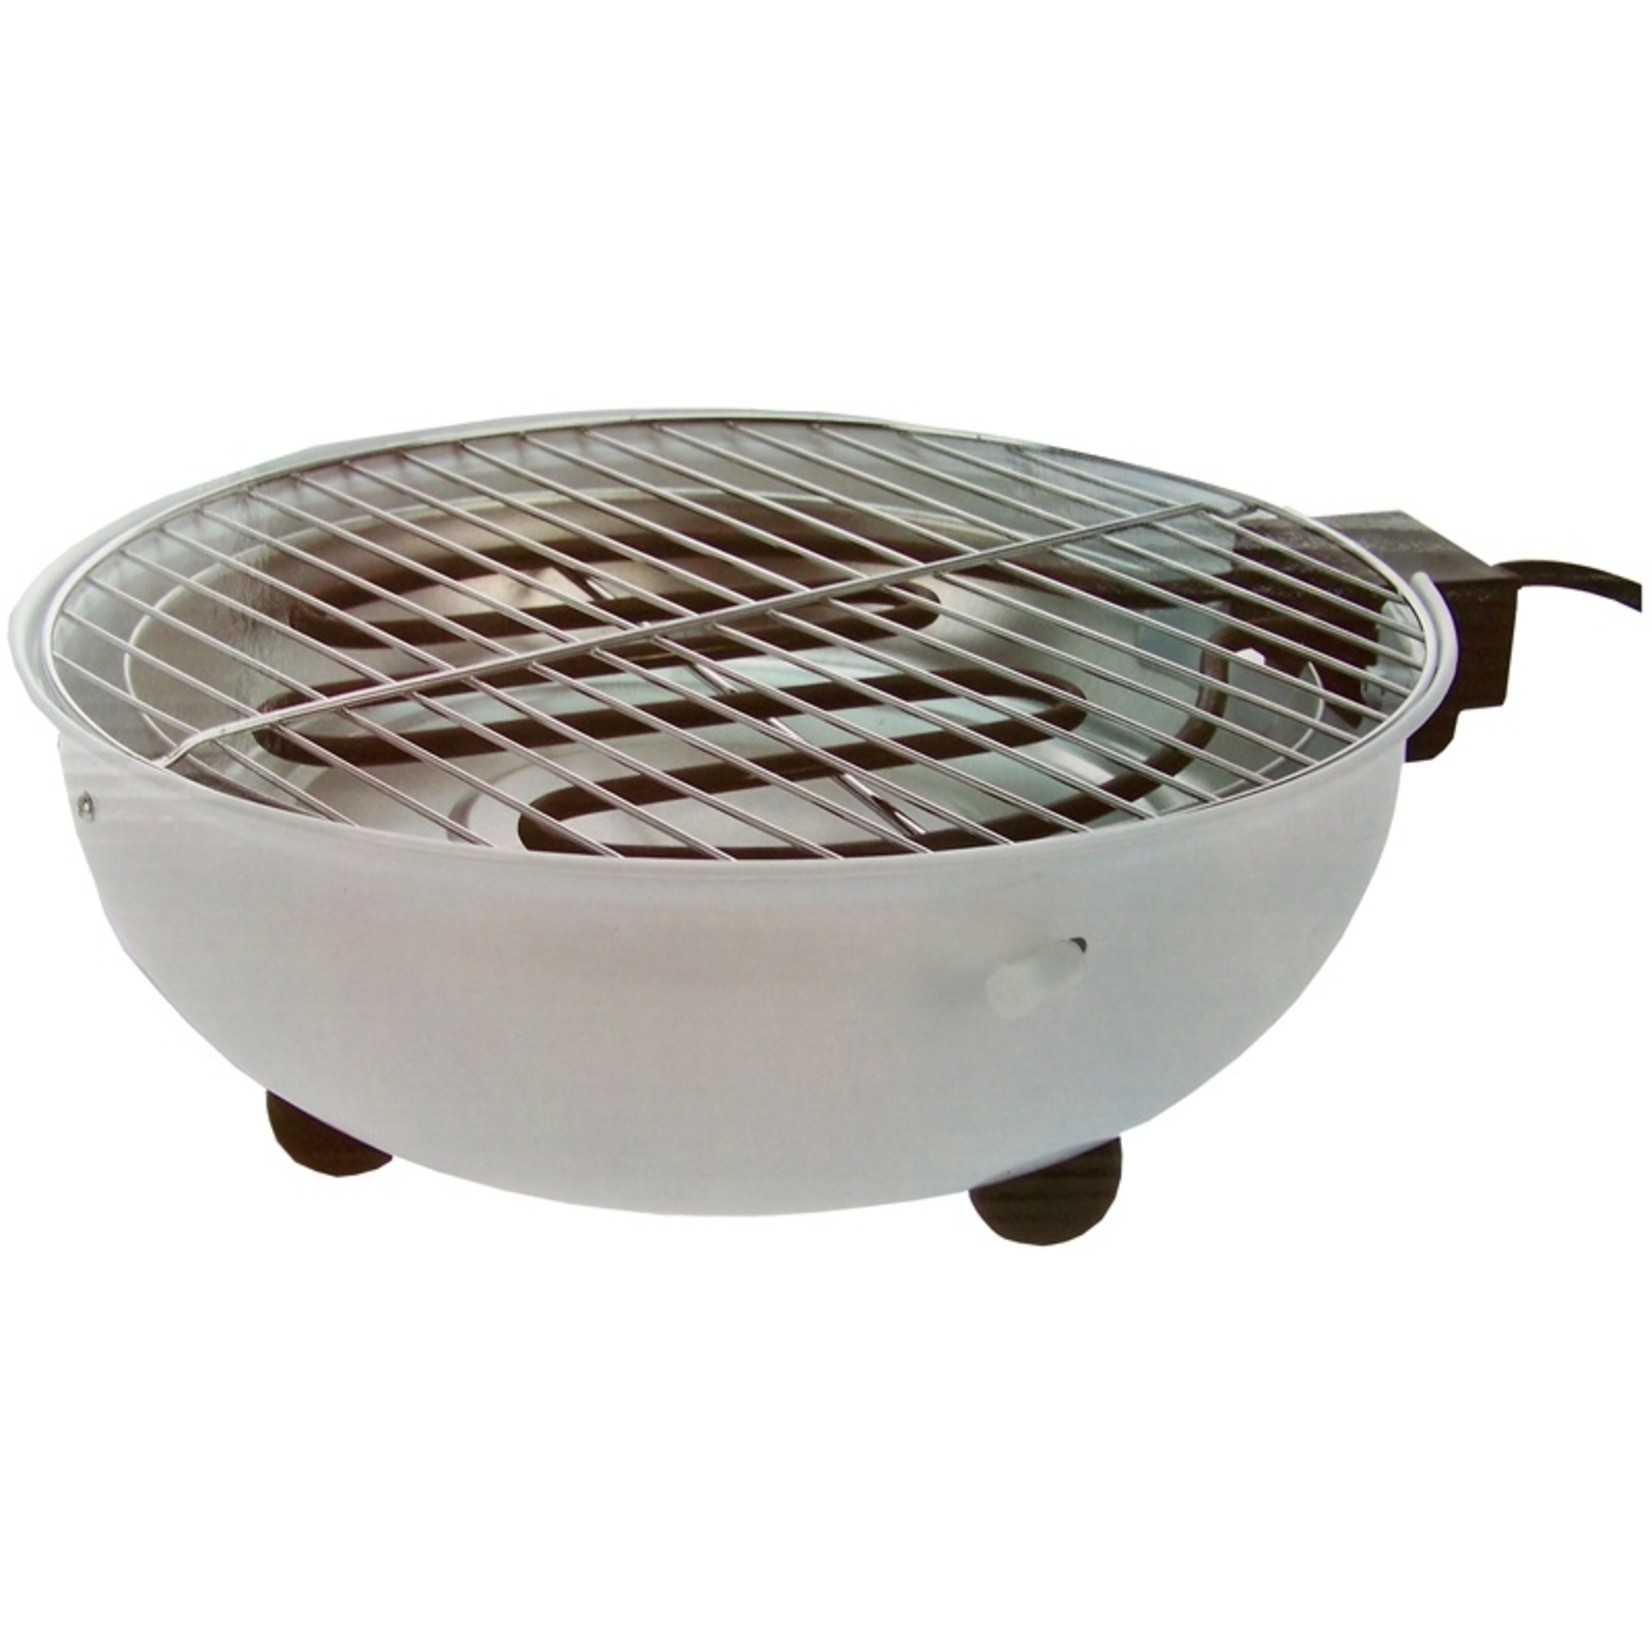 BBQ Elektrische barbecue 32cm